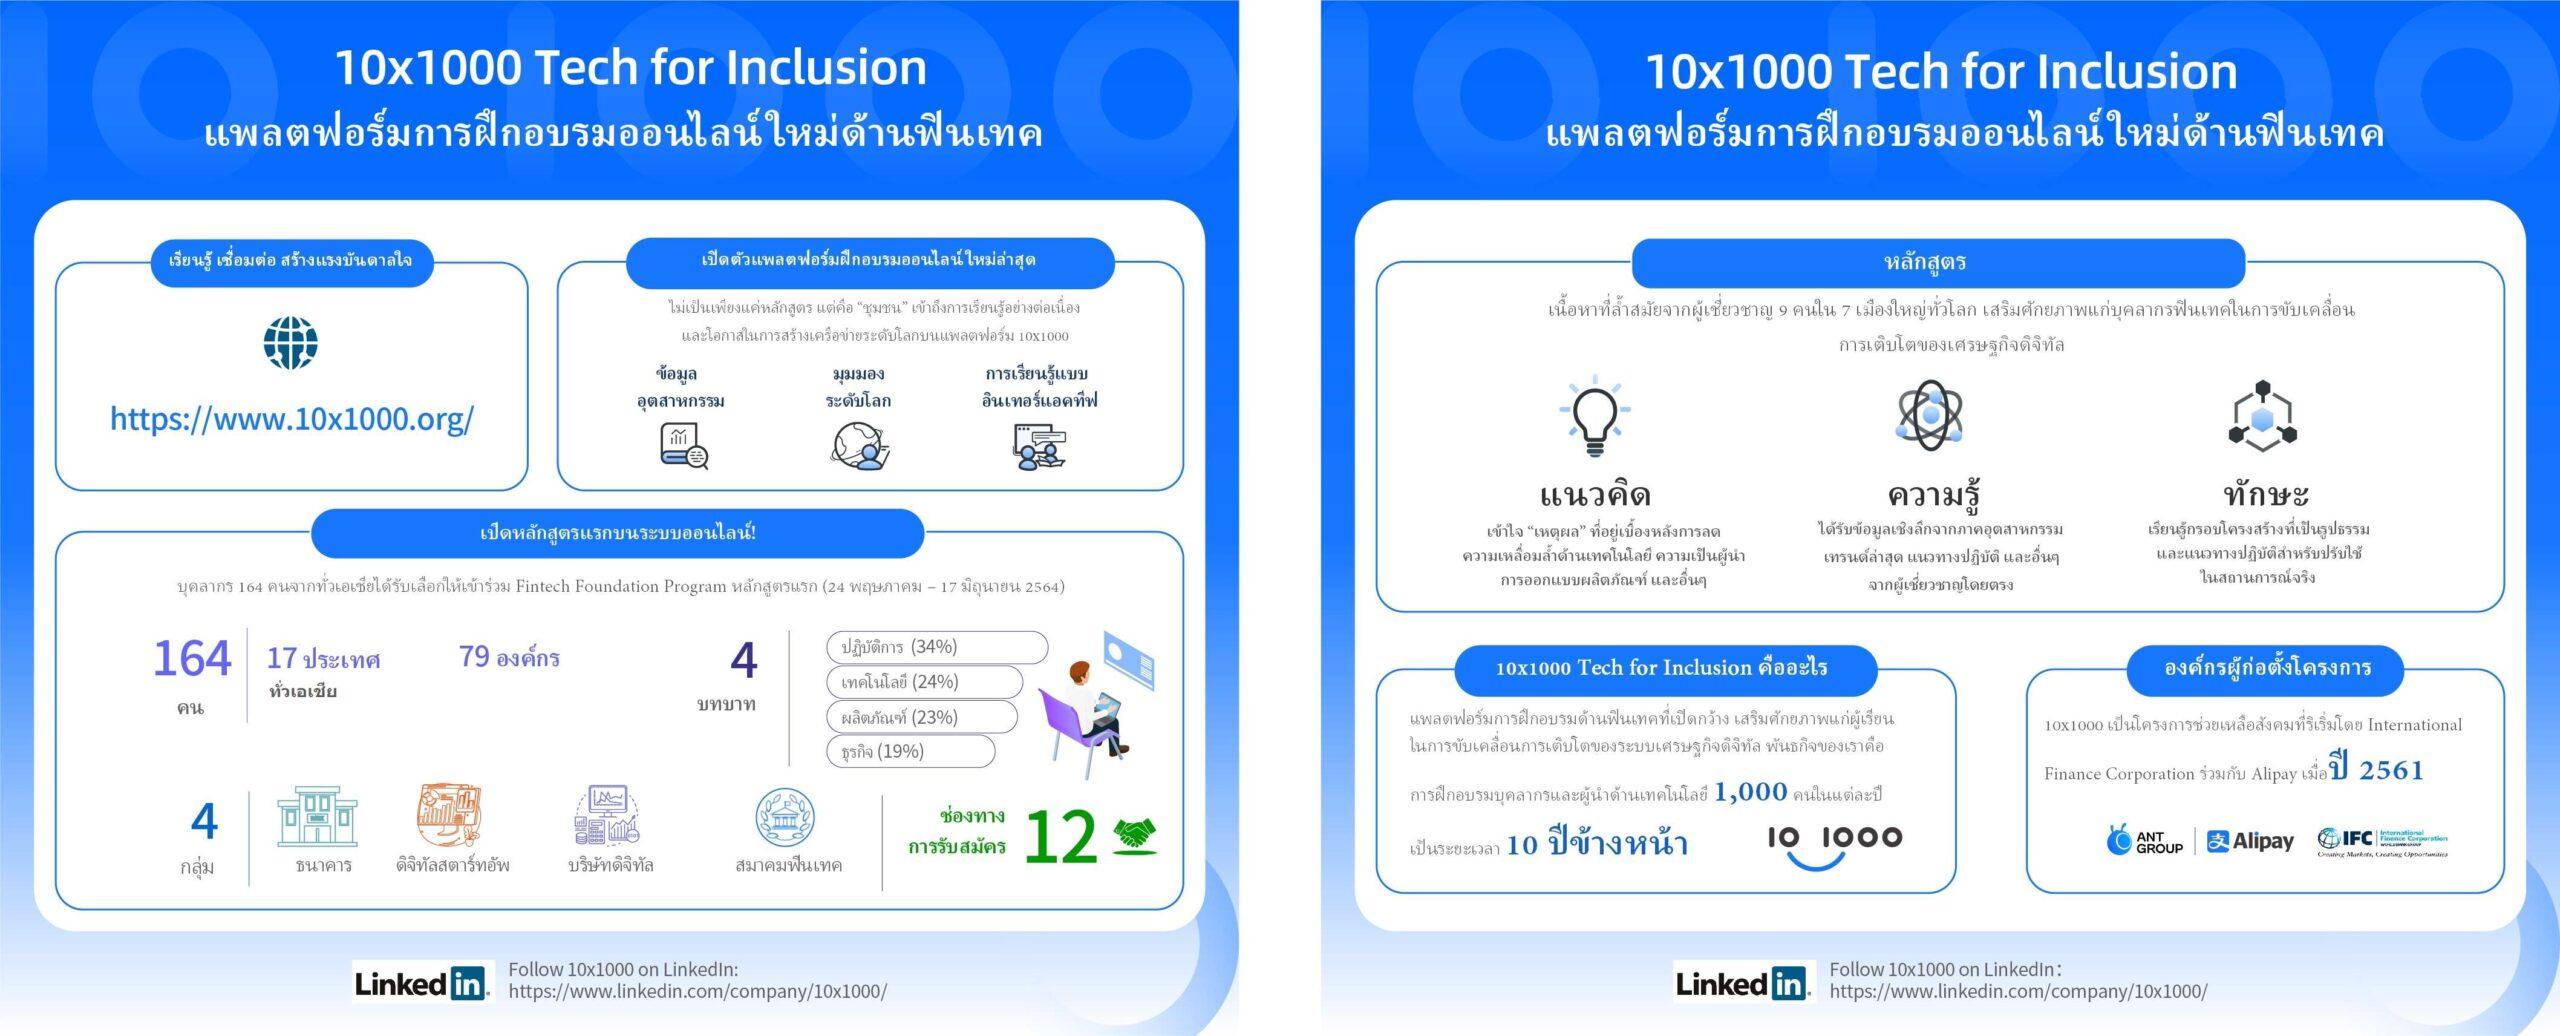 อาลีเพย์_10x1000 Tech for Inclusion